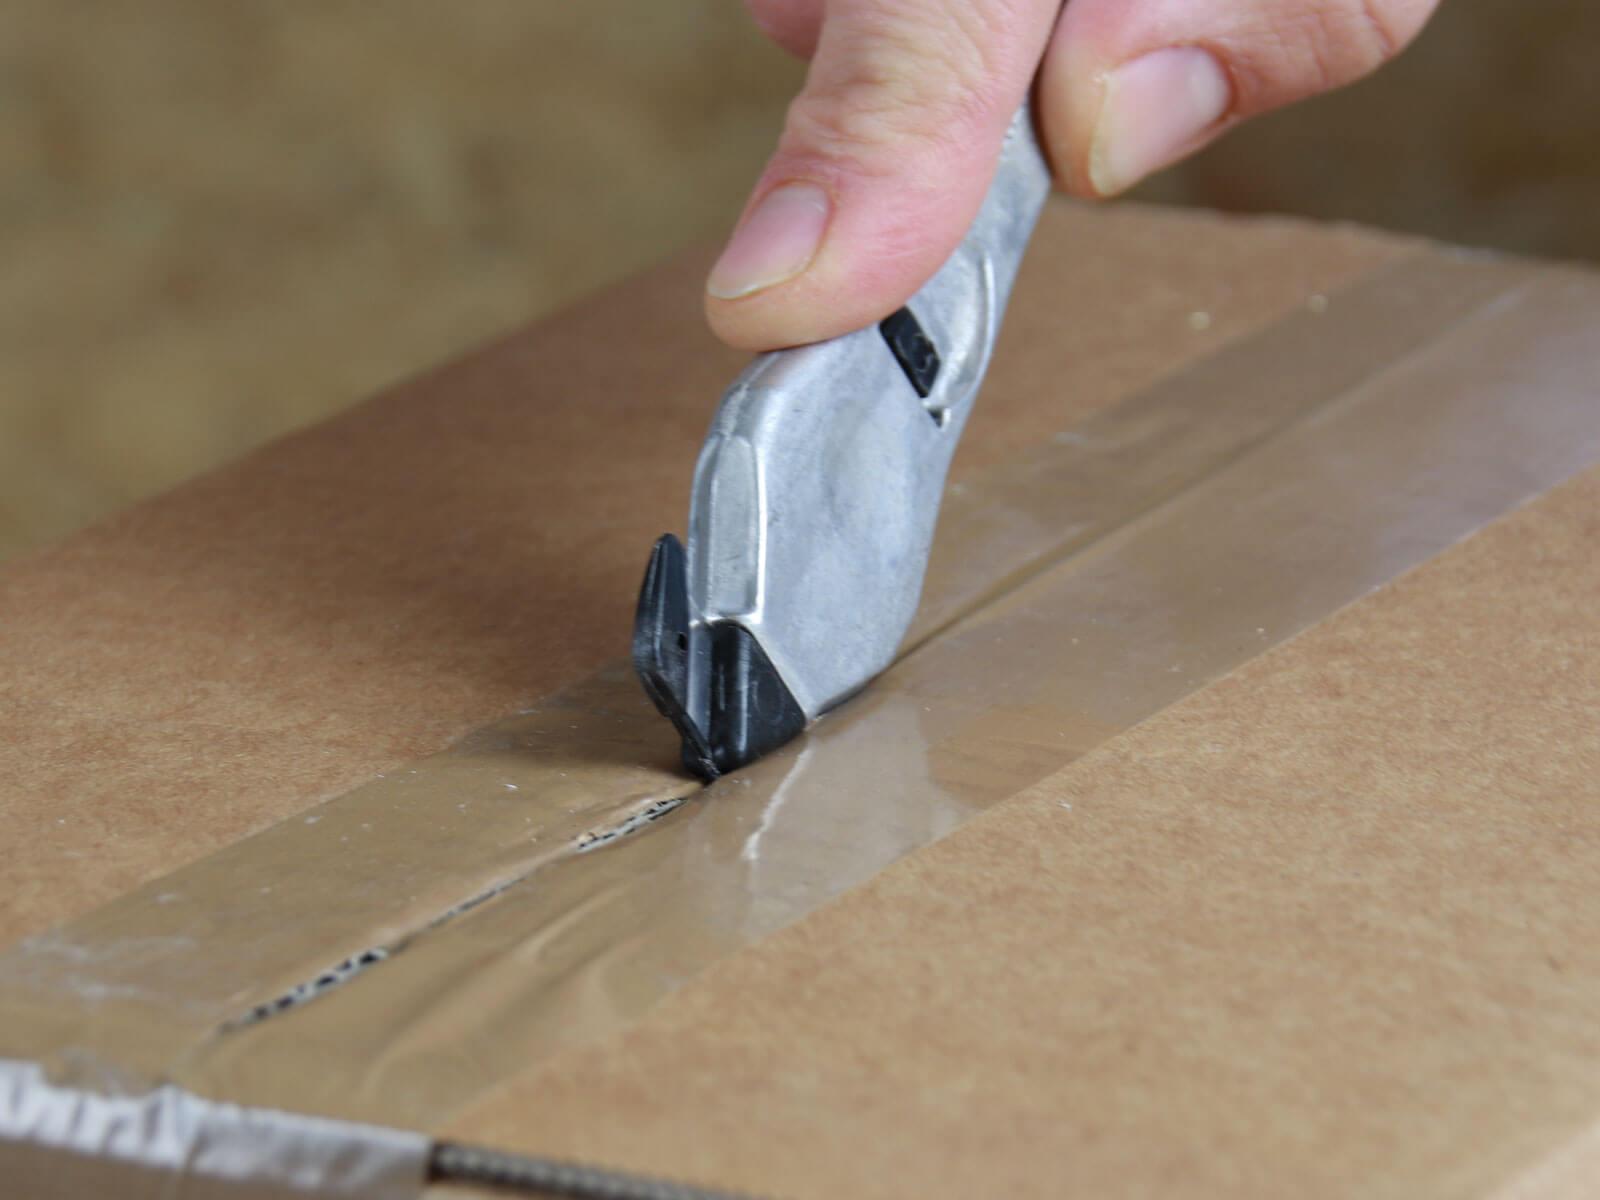 H03P Sicherheitsmesser Schutzhaken metall Klebeband schneiden CURT-tools